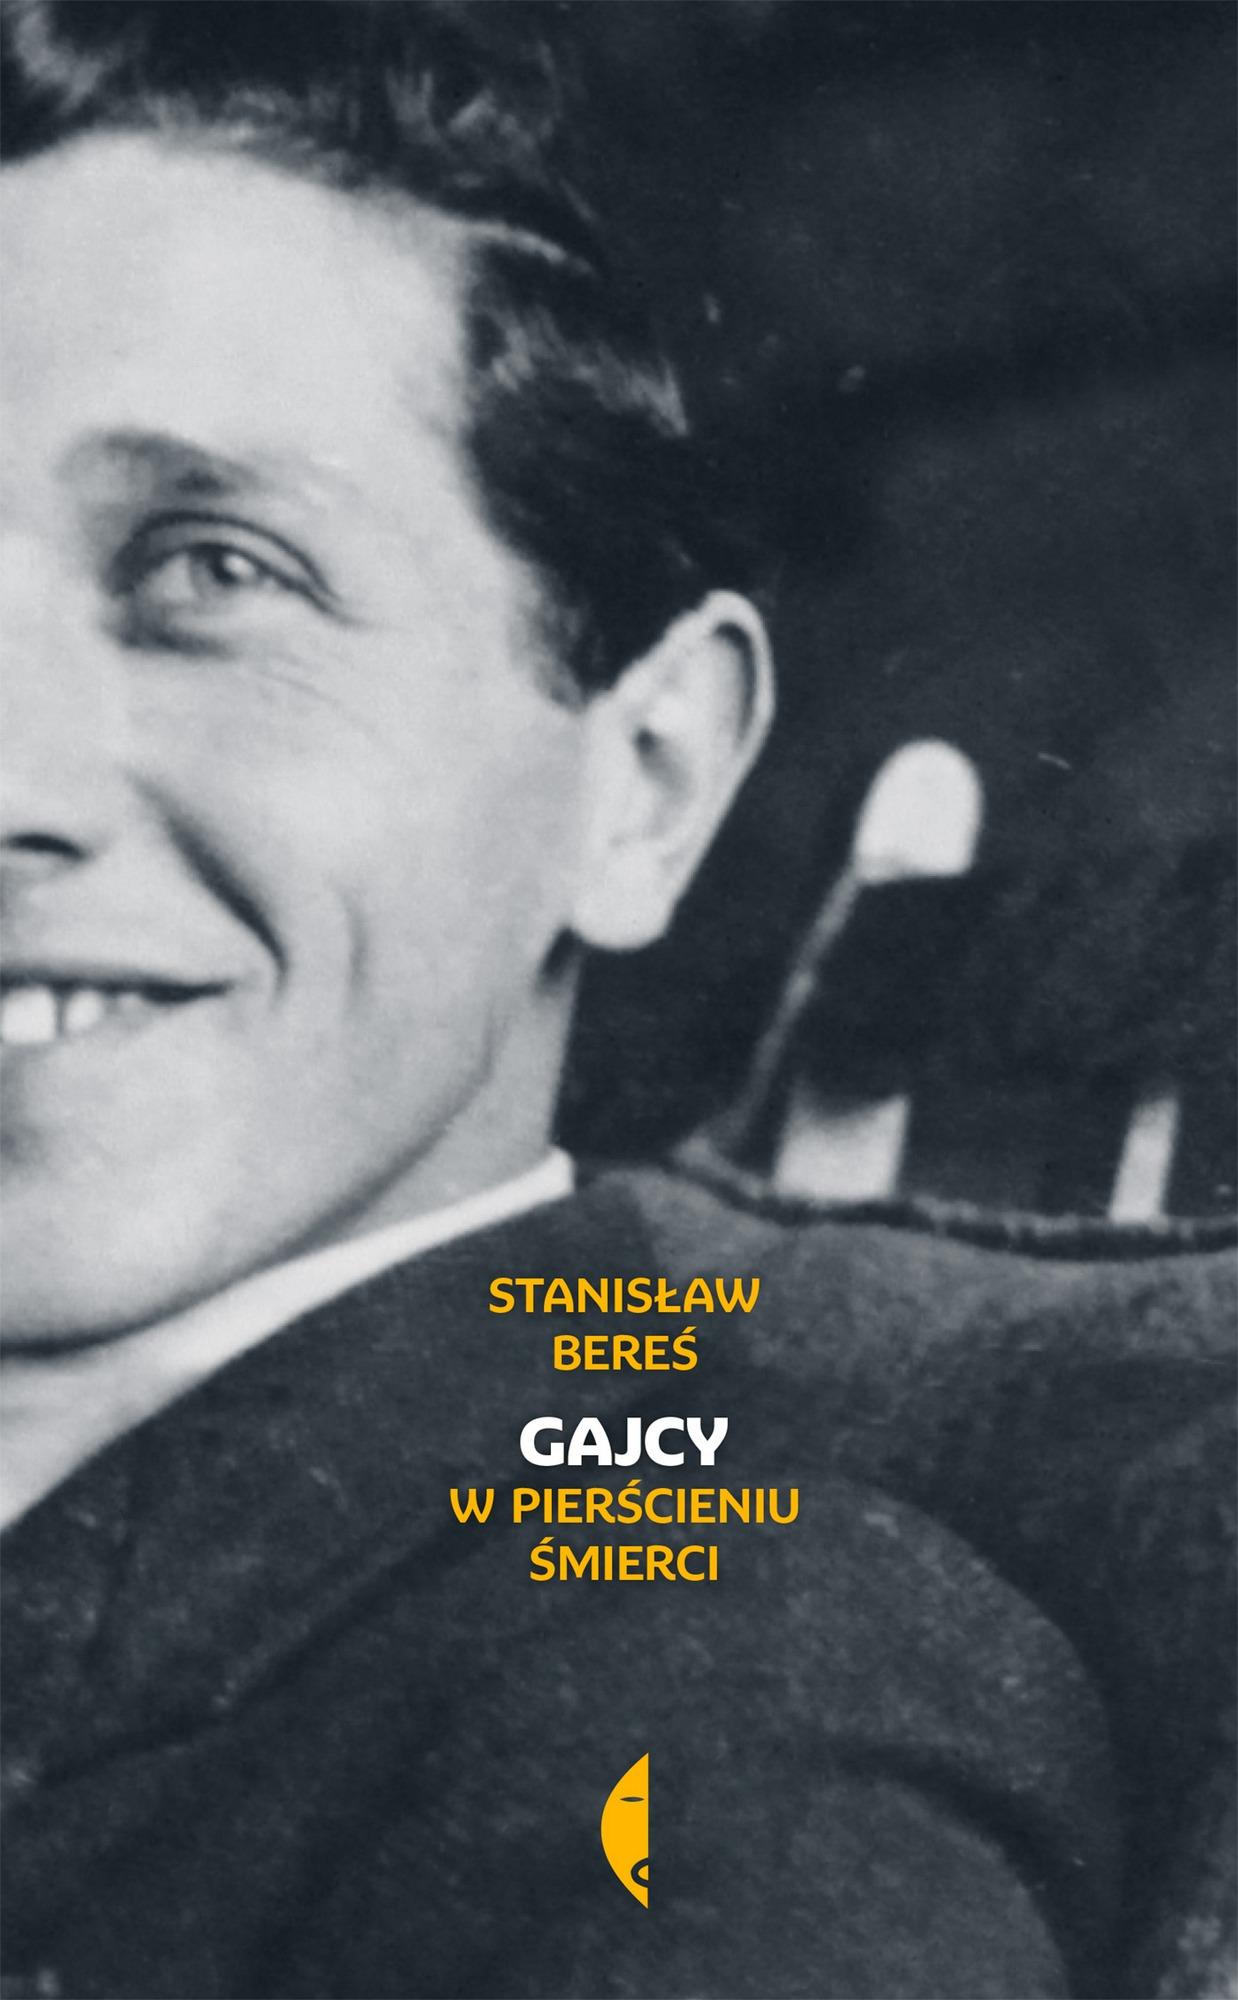 """Stanisław Bereś,""""Gajcy. W pierścieniu śmierci """", okładka (źródło: materiały prasowe wydawcy)"""